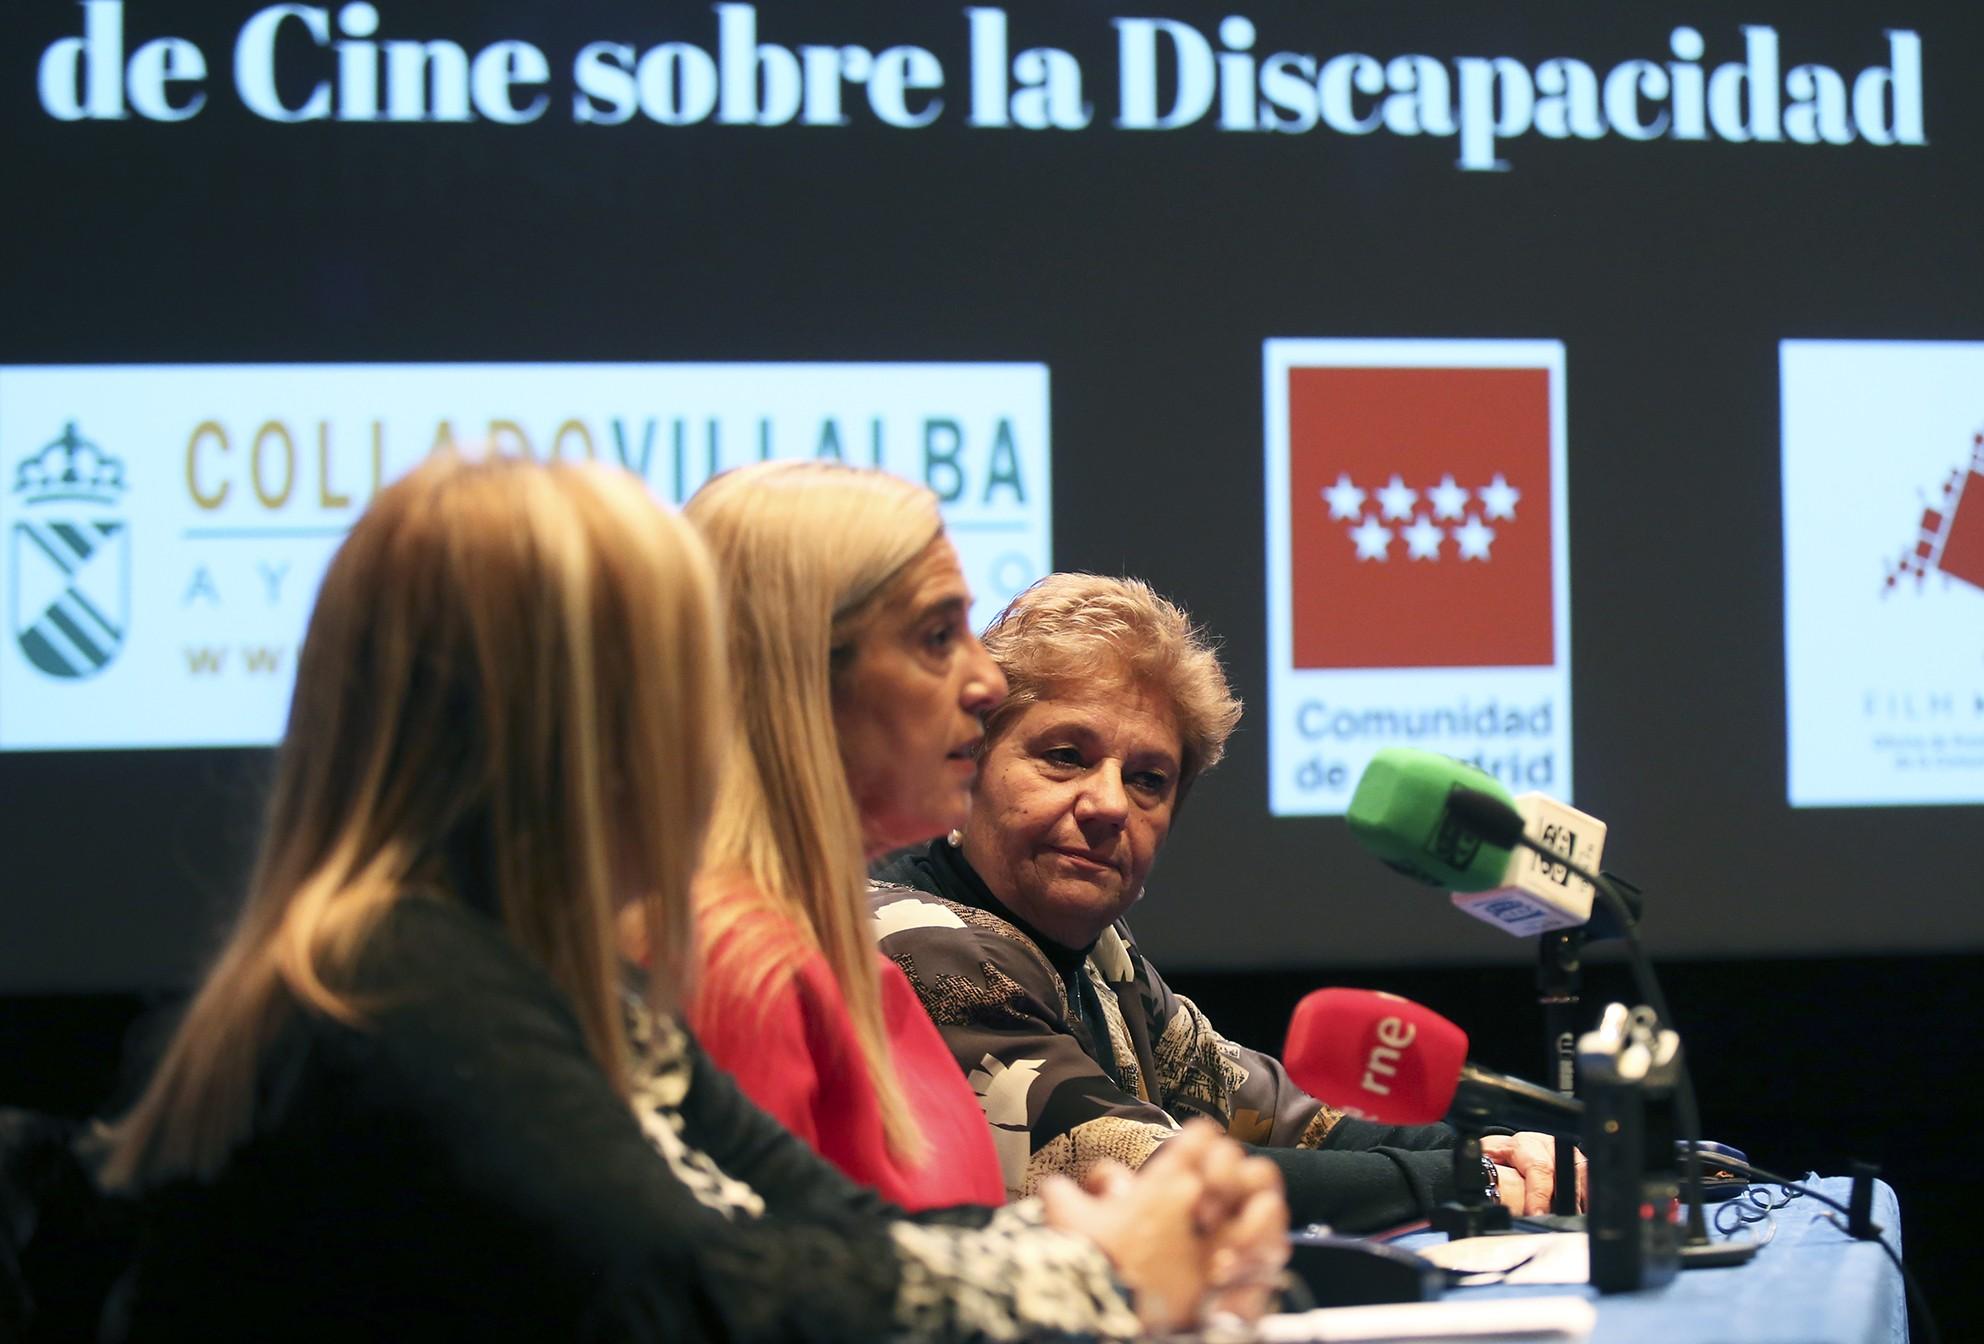 El XII Festival Internacional de Cine sobre la Discapacidad de Collado Villalba